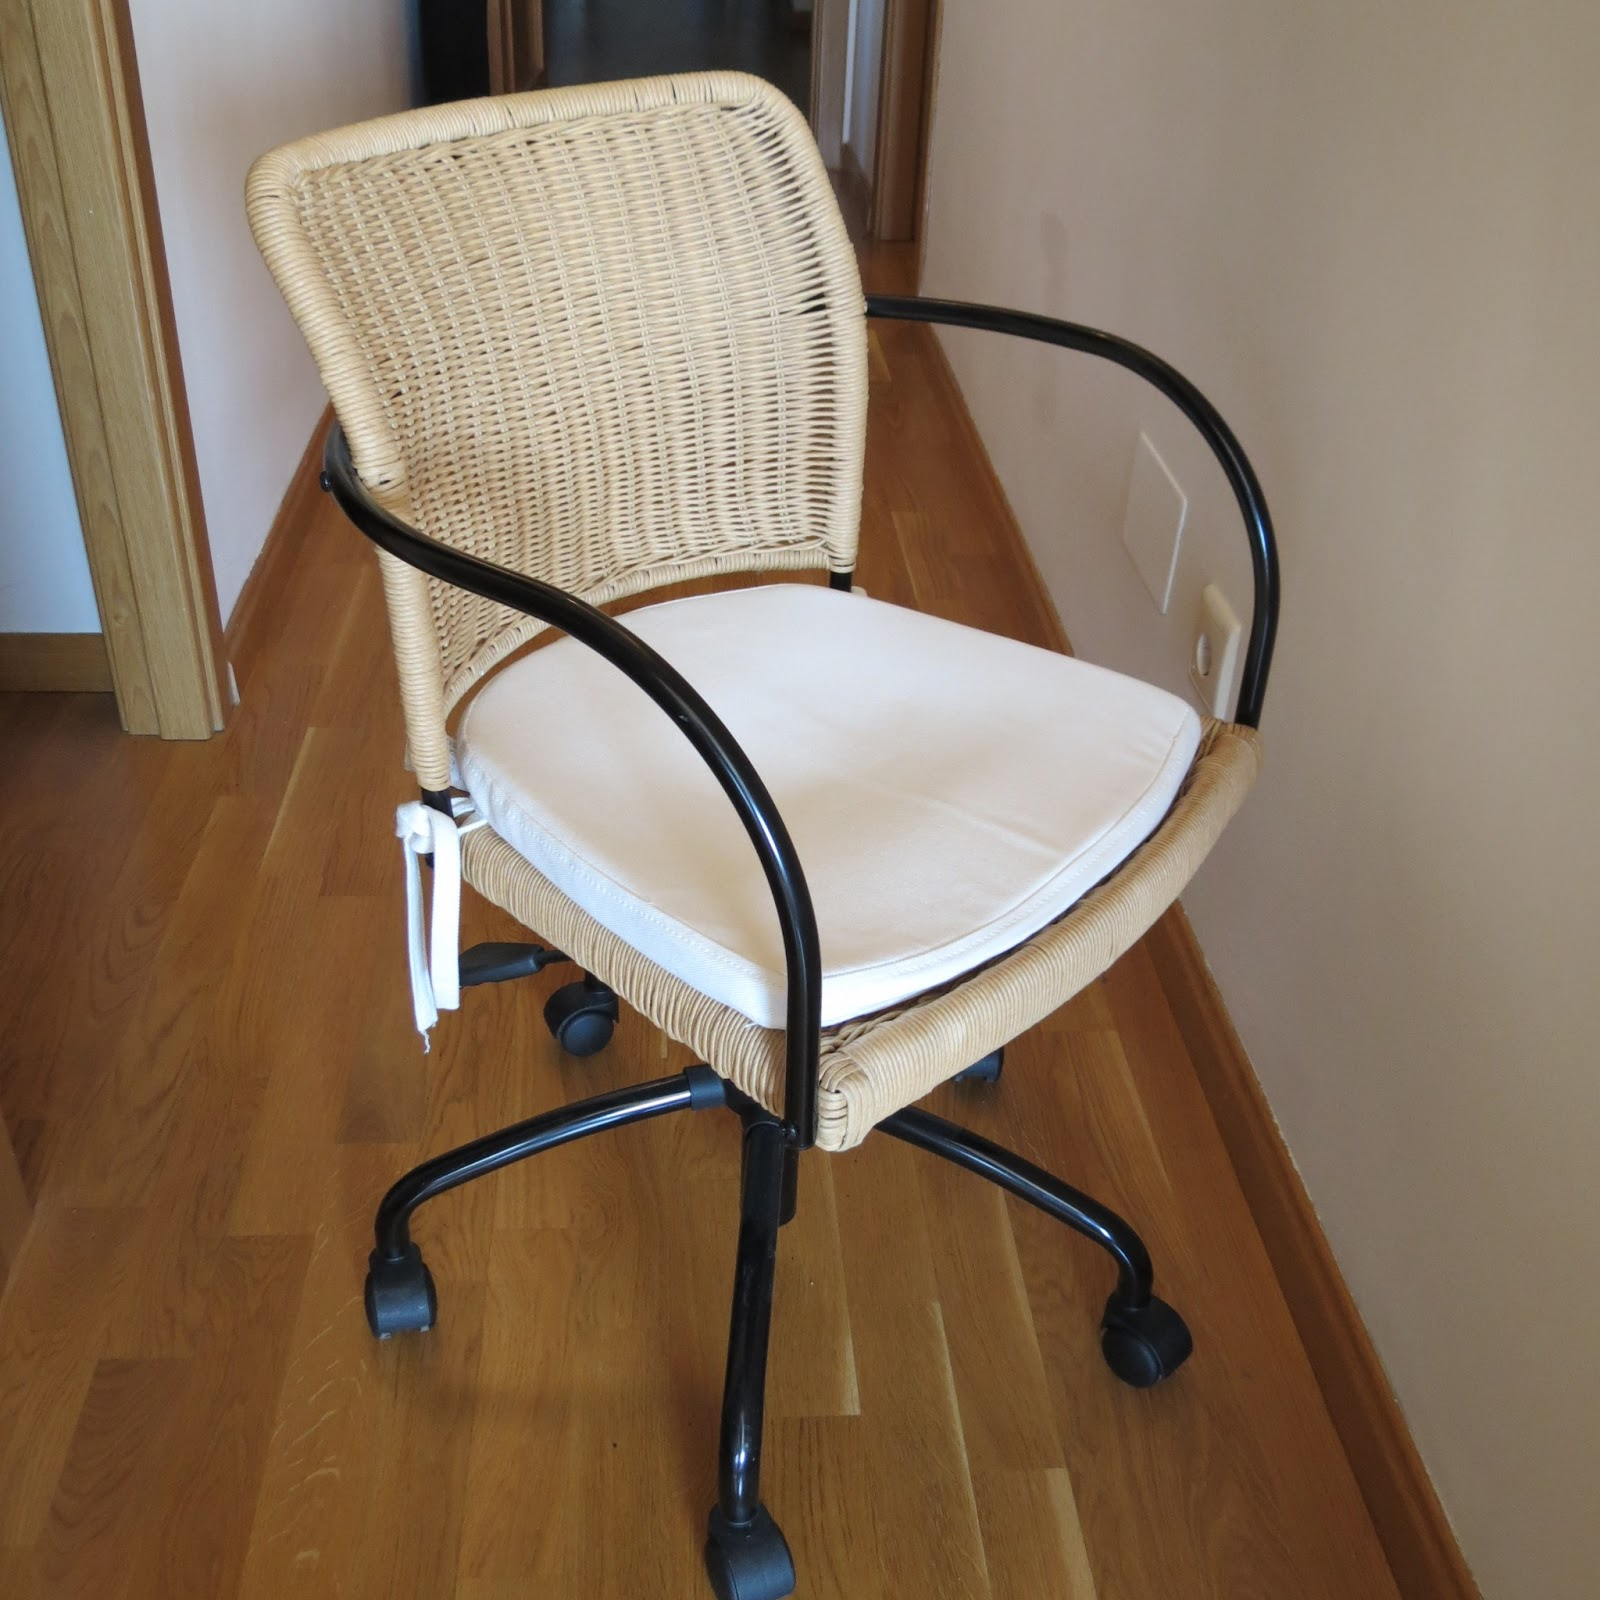 Vendemos nuestras cosas silla giratoria y con ruedas ikea gregor 45 - Sillas con reposabrazos ikea ...